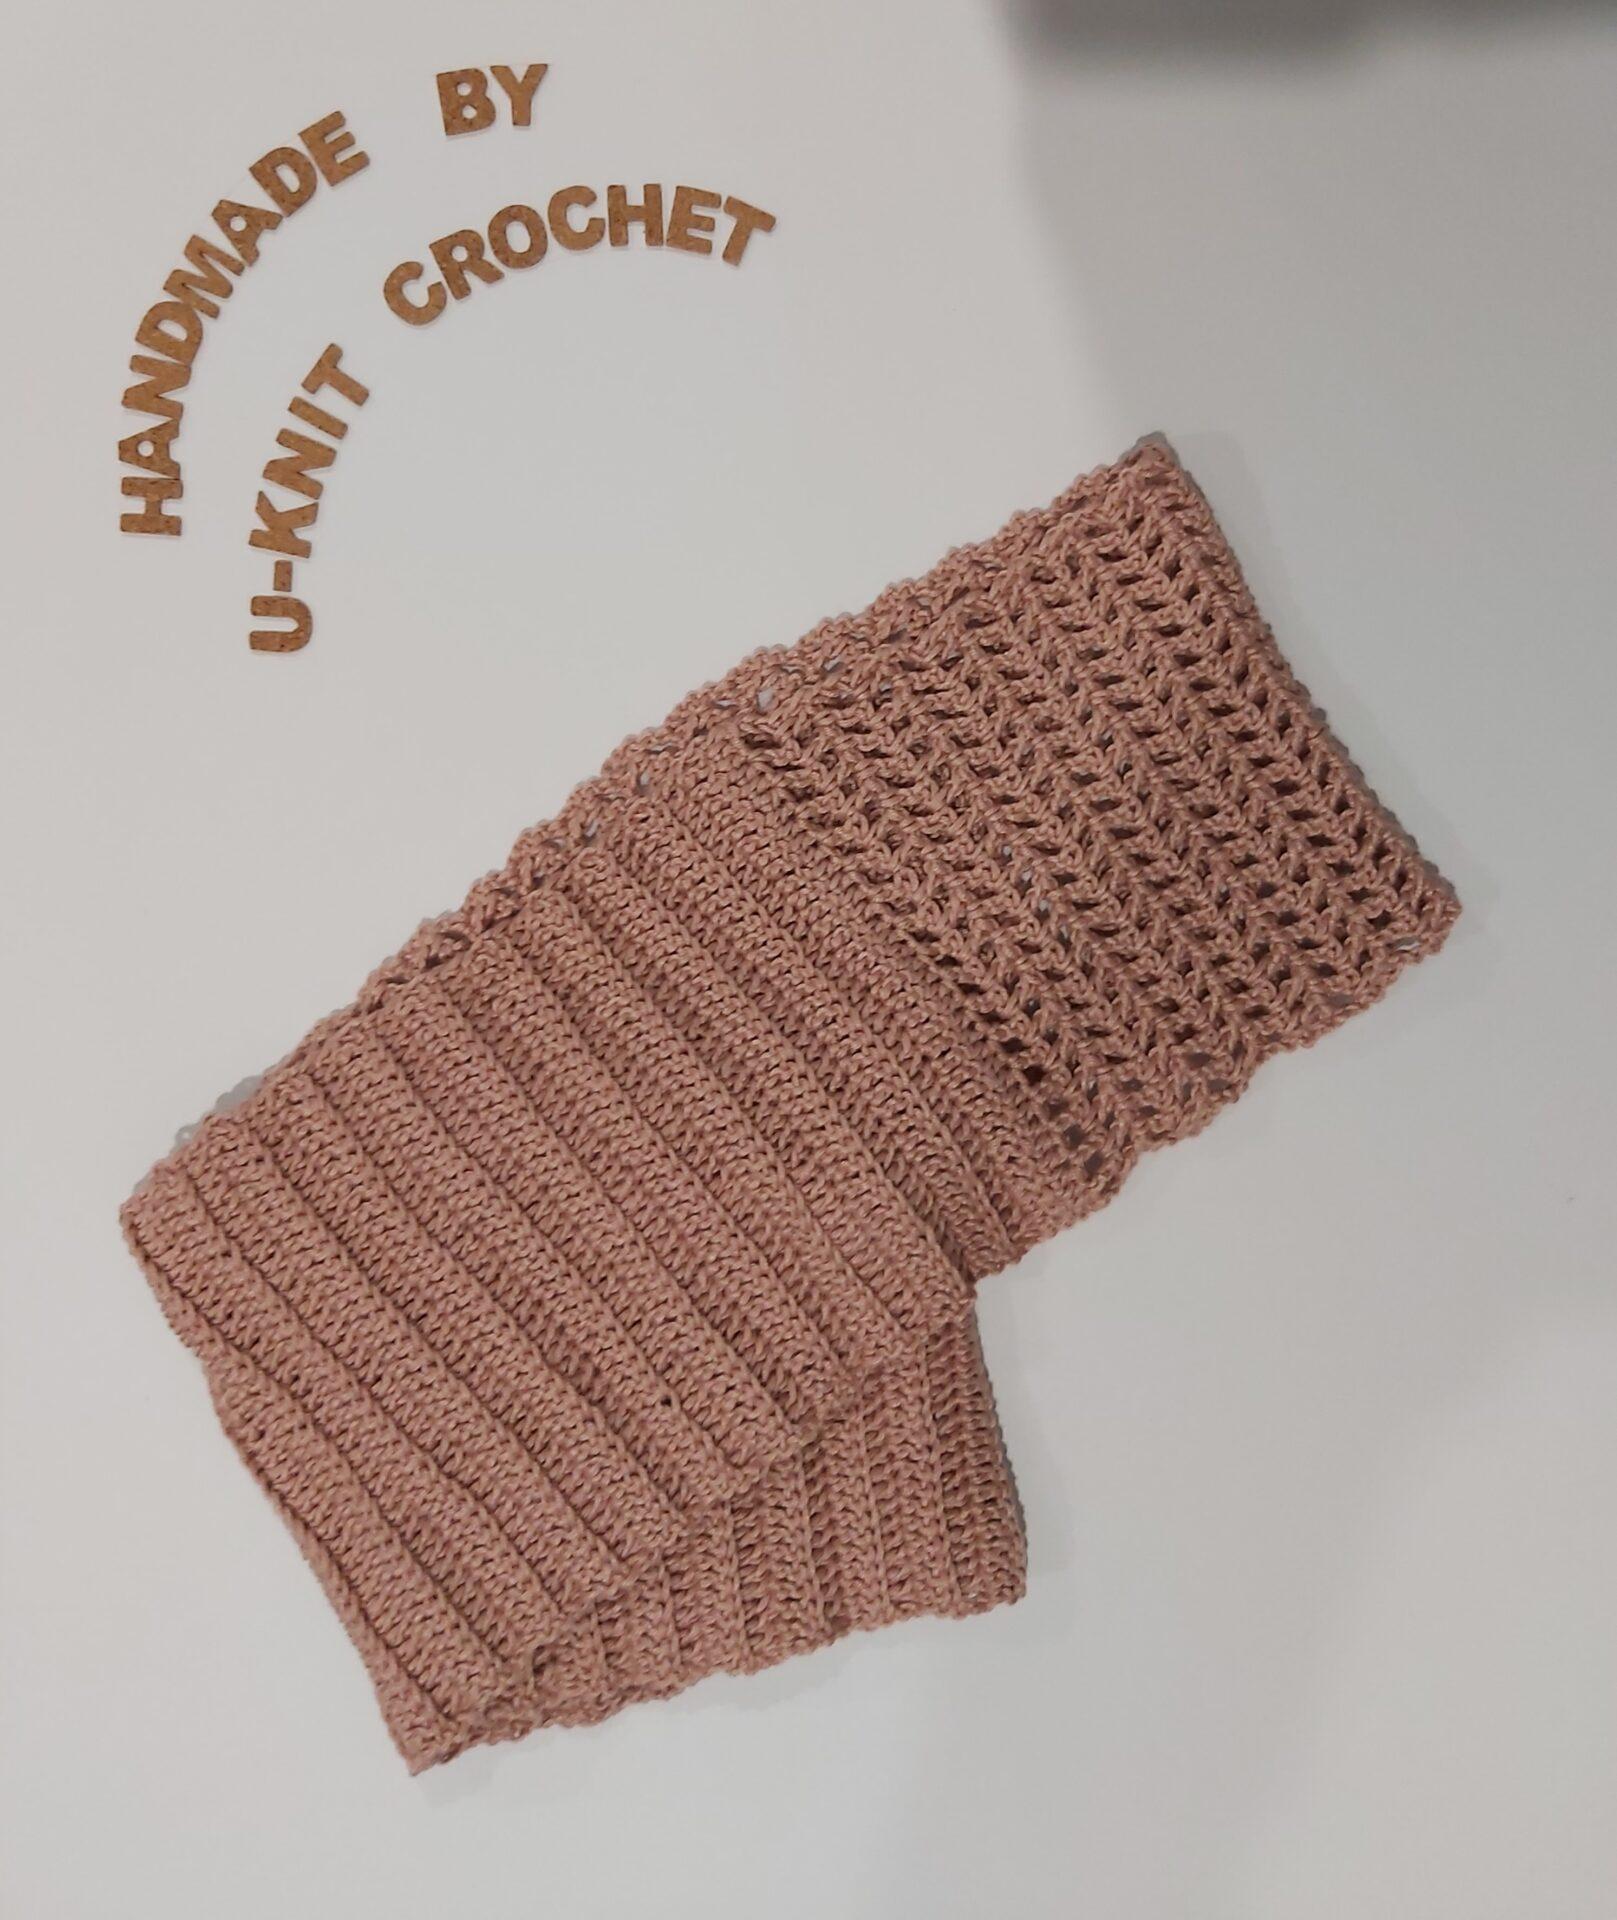 Beige Cowl Handmade By U-Knit Crochet